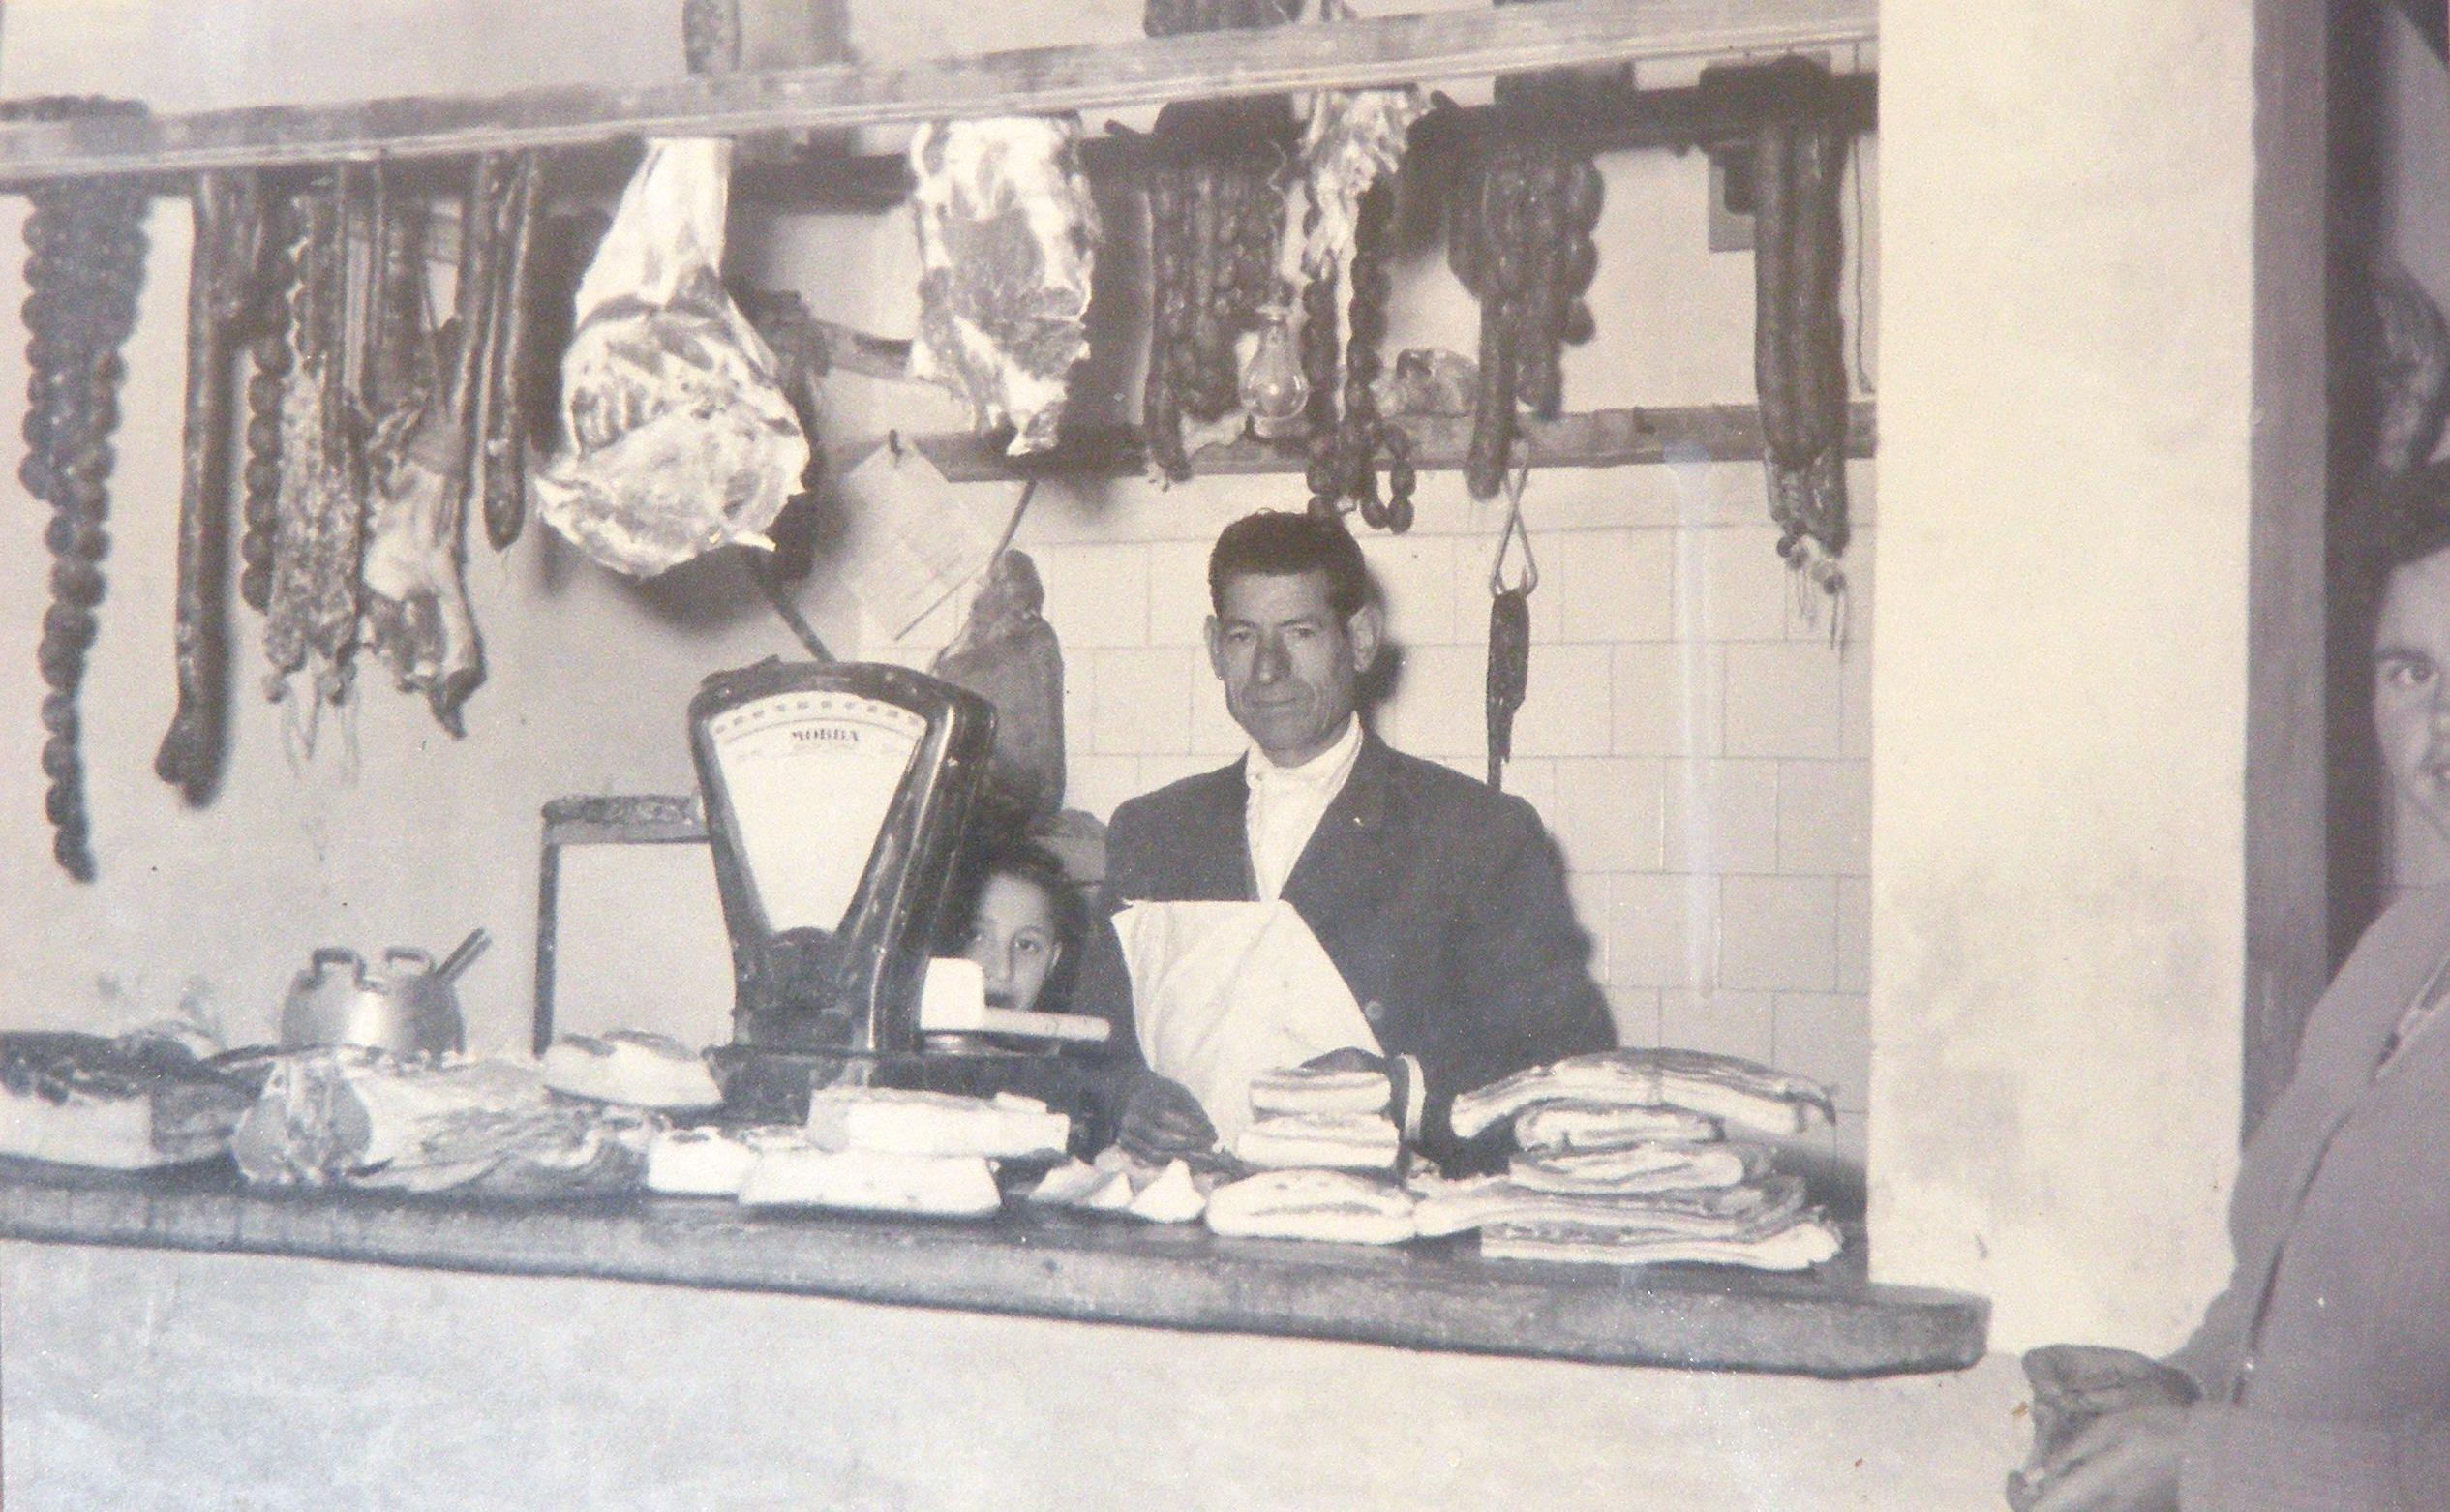 Carnicería Plaza de Abastos